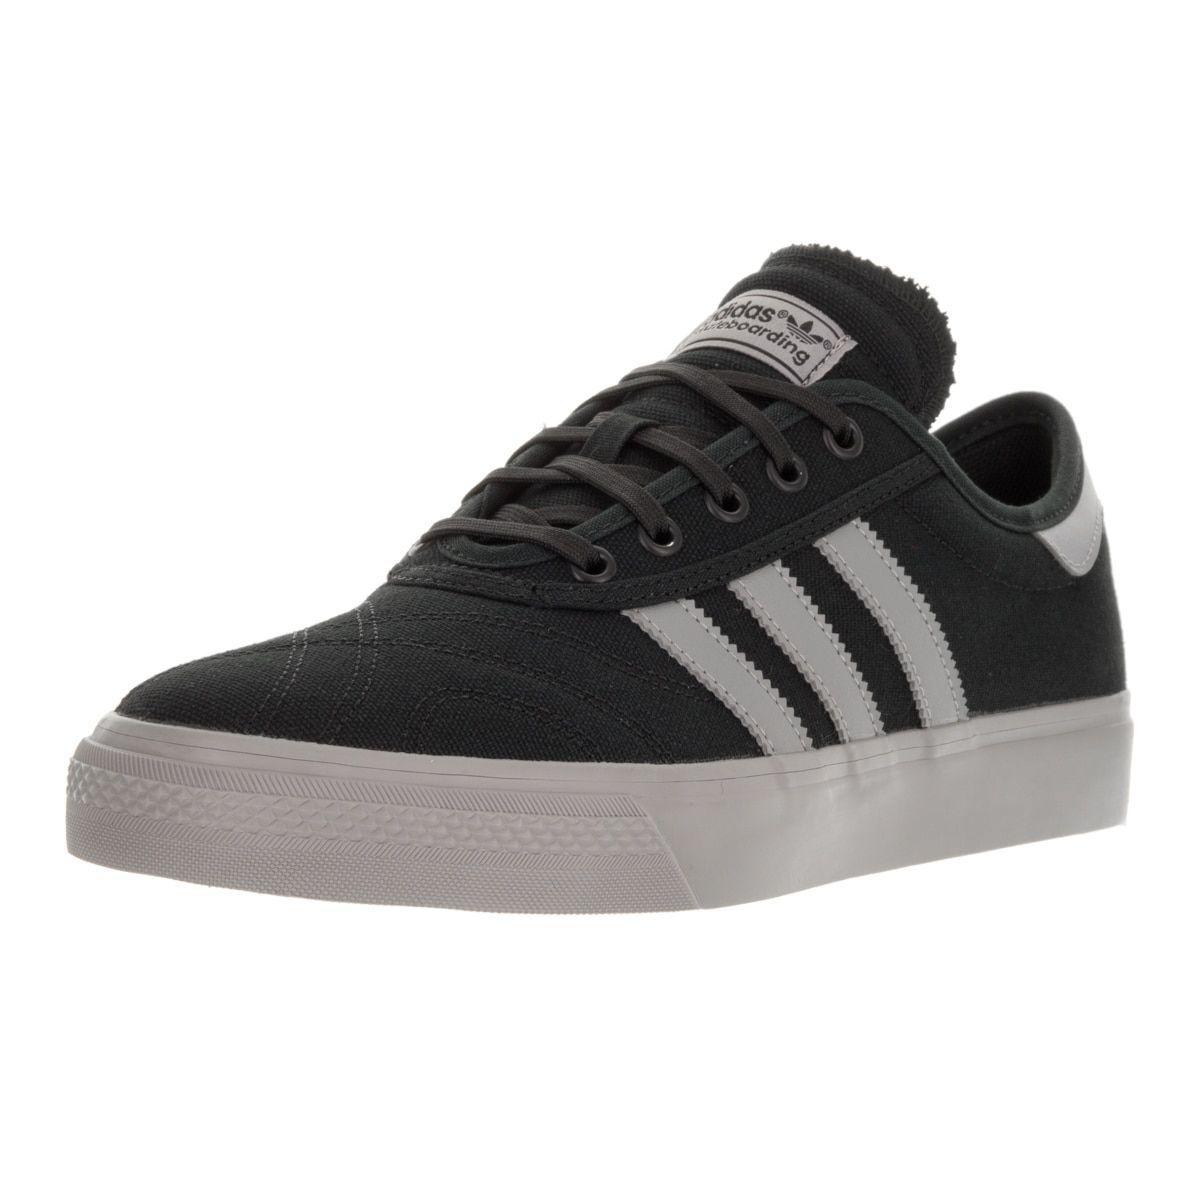 Adidas uomini dga - premiere cnero / chsogr / cnero scarpe da skate